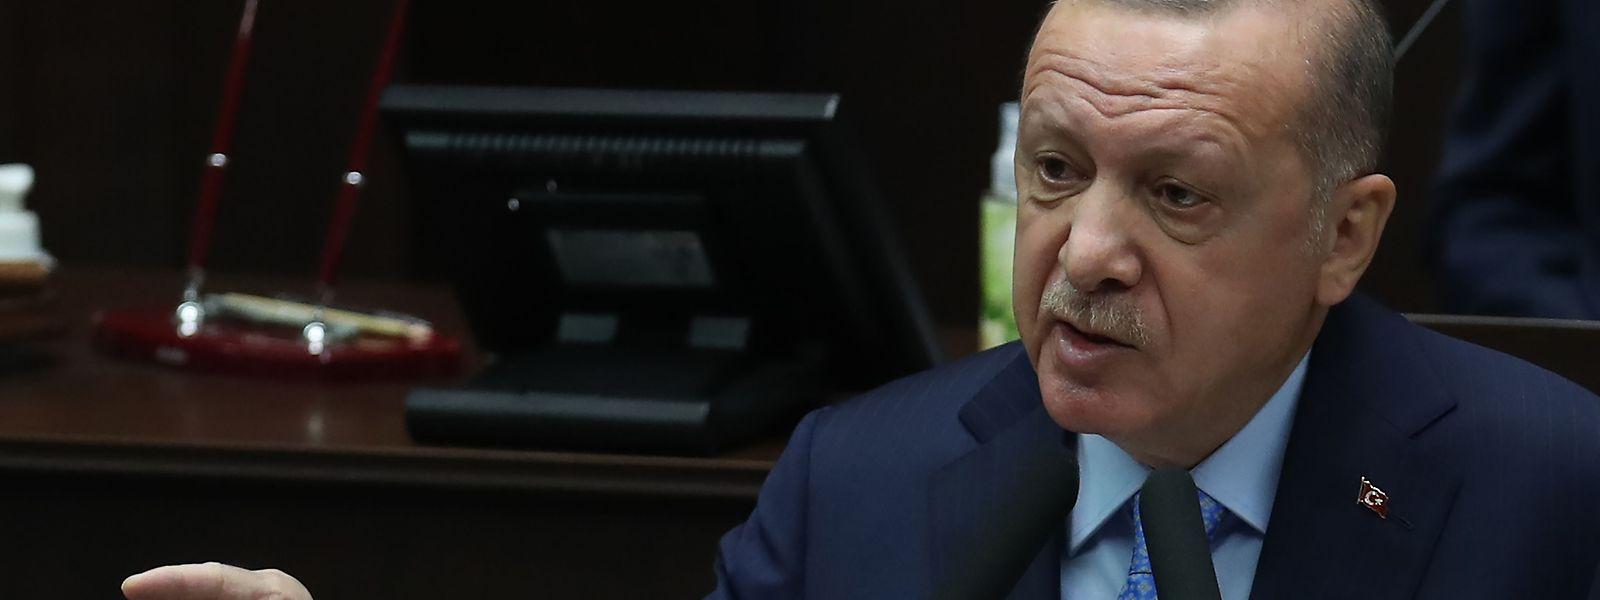 Recep Tayyip Erdogan hat viele Wahlen gewonnen. Aber jetzt laufen ihm die Wähler davon.